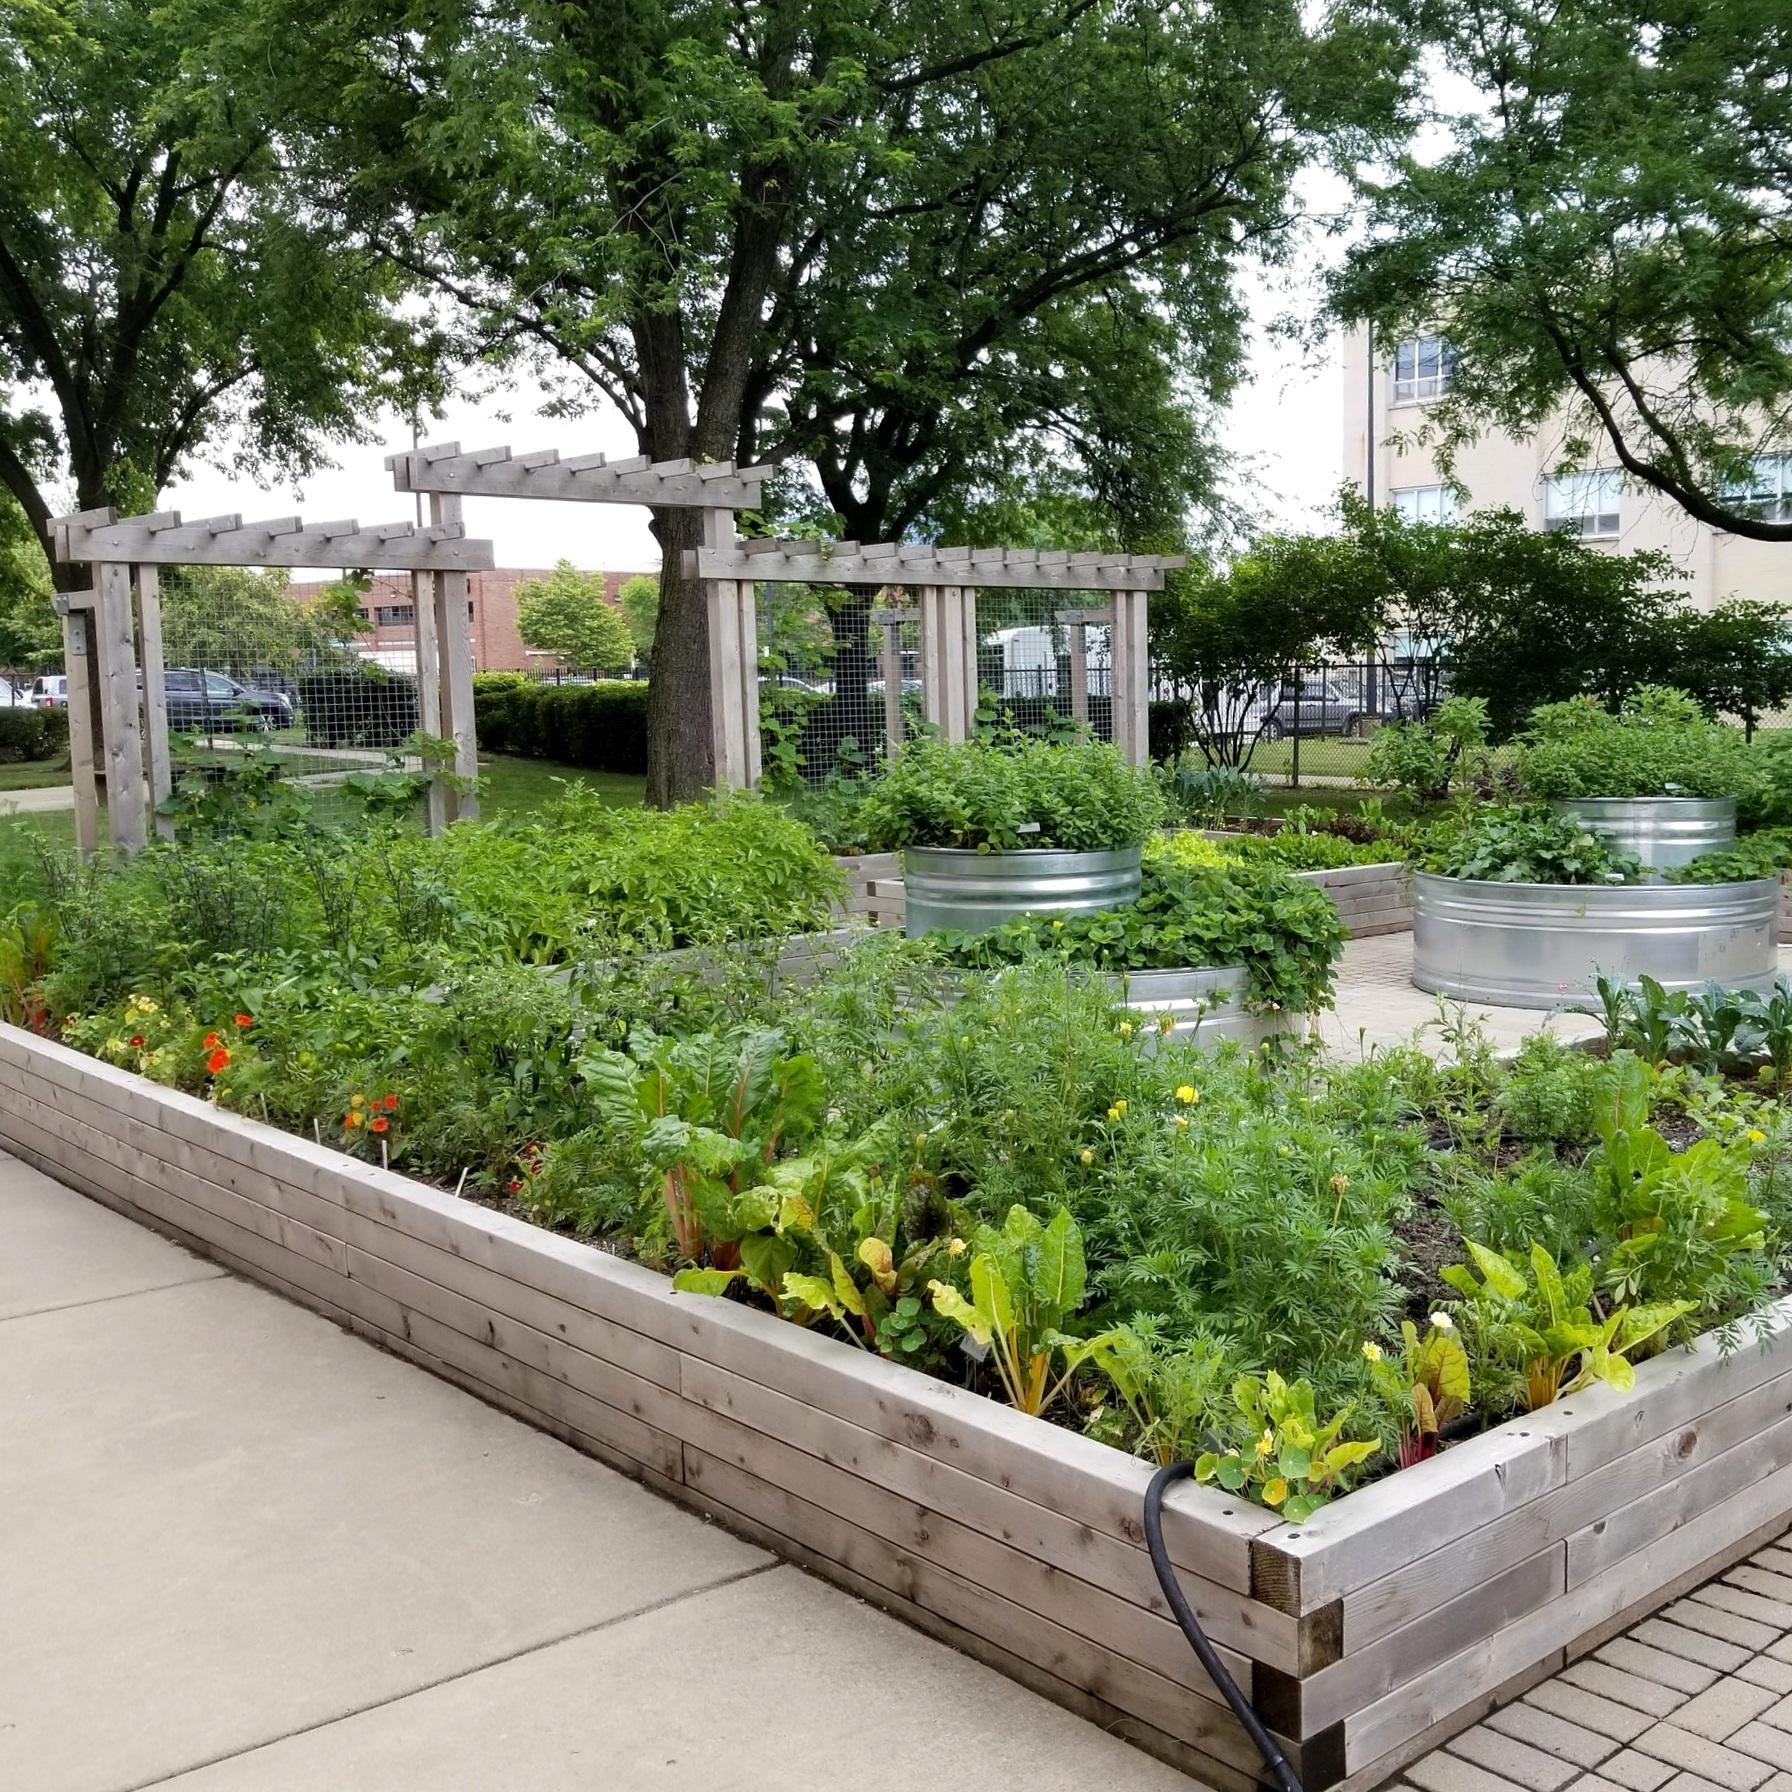 UIC DIETETIC GARDEN  Landscape Design + Build  Chicago, Illinois